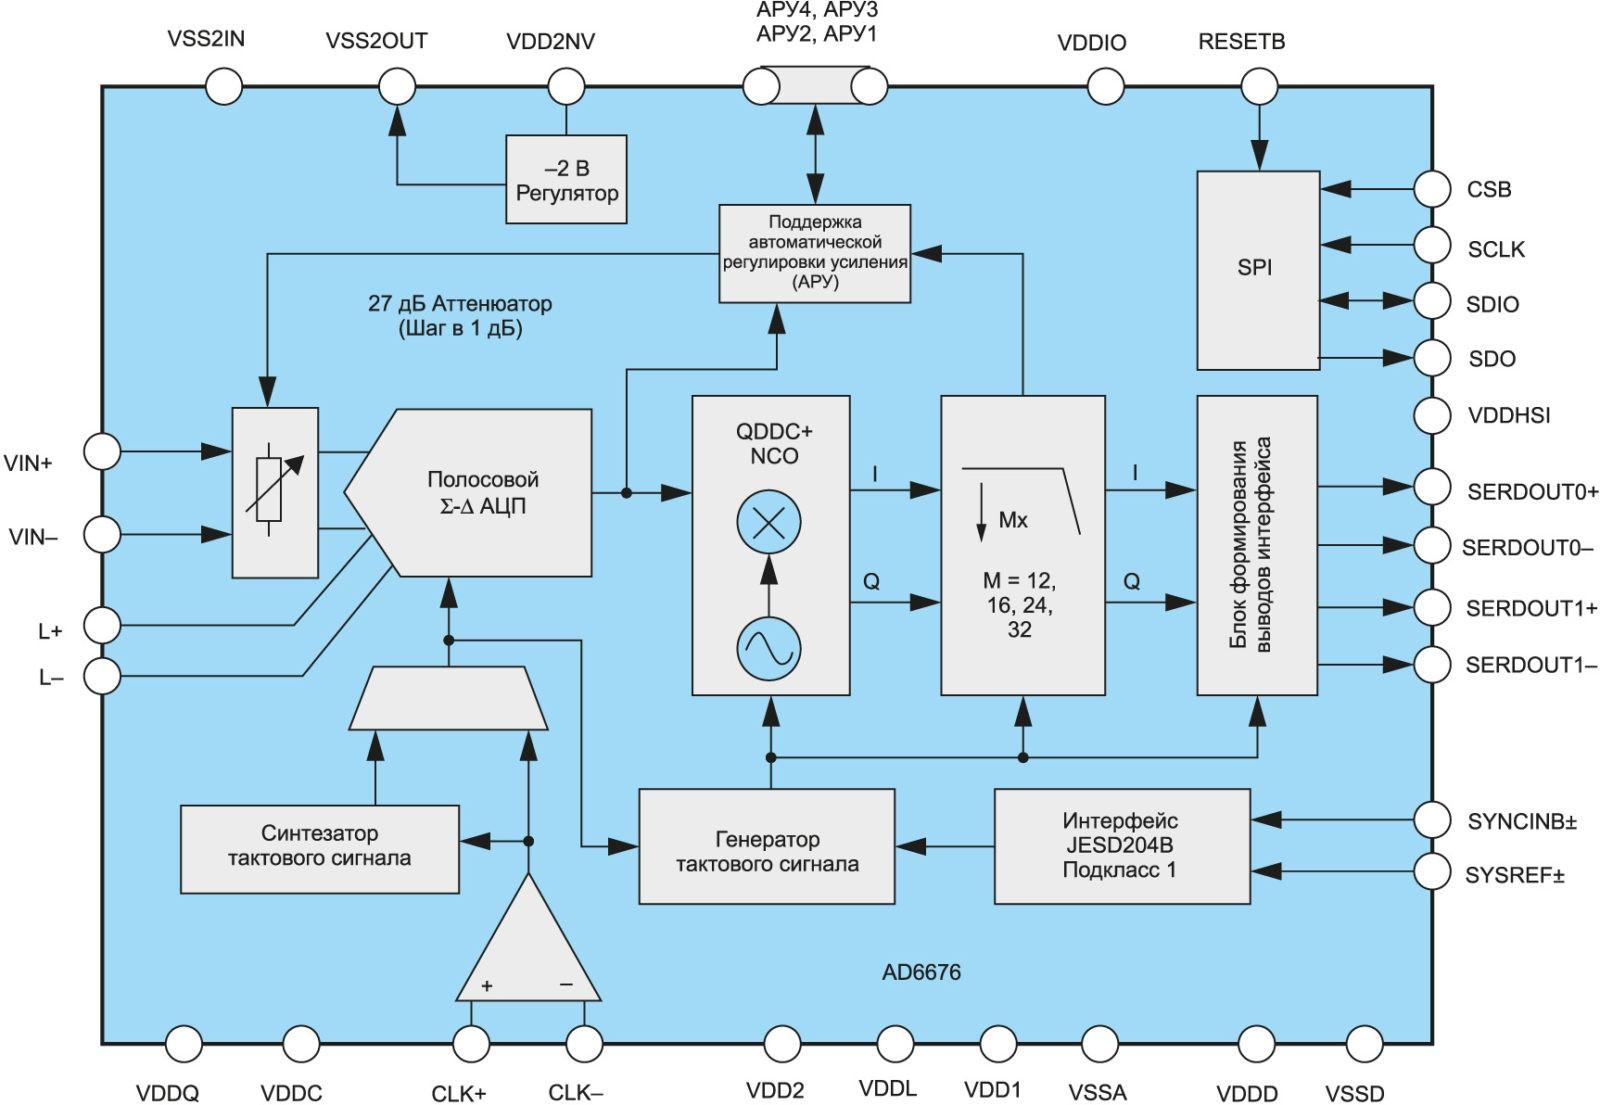 Внутренняя структура приемника промежуточной частоты AD6676